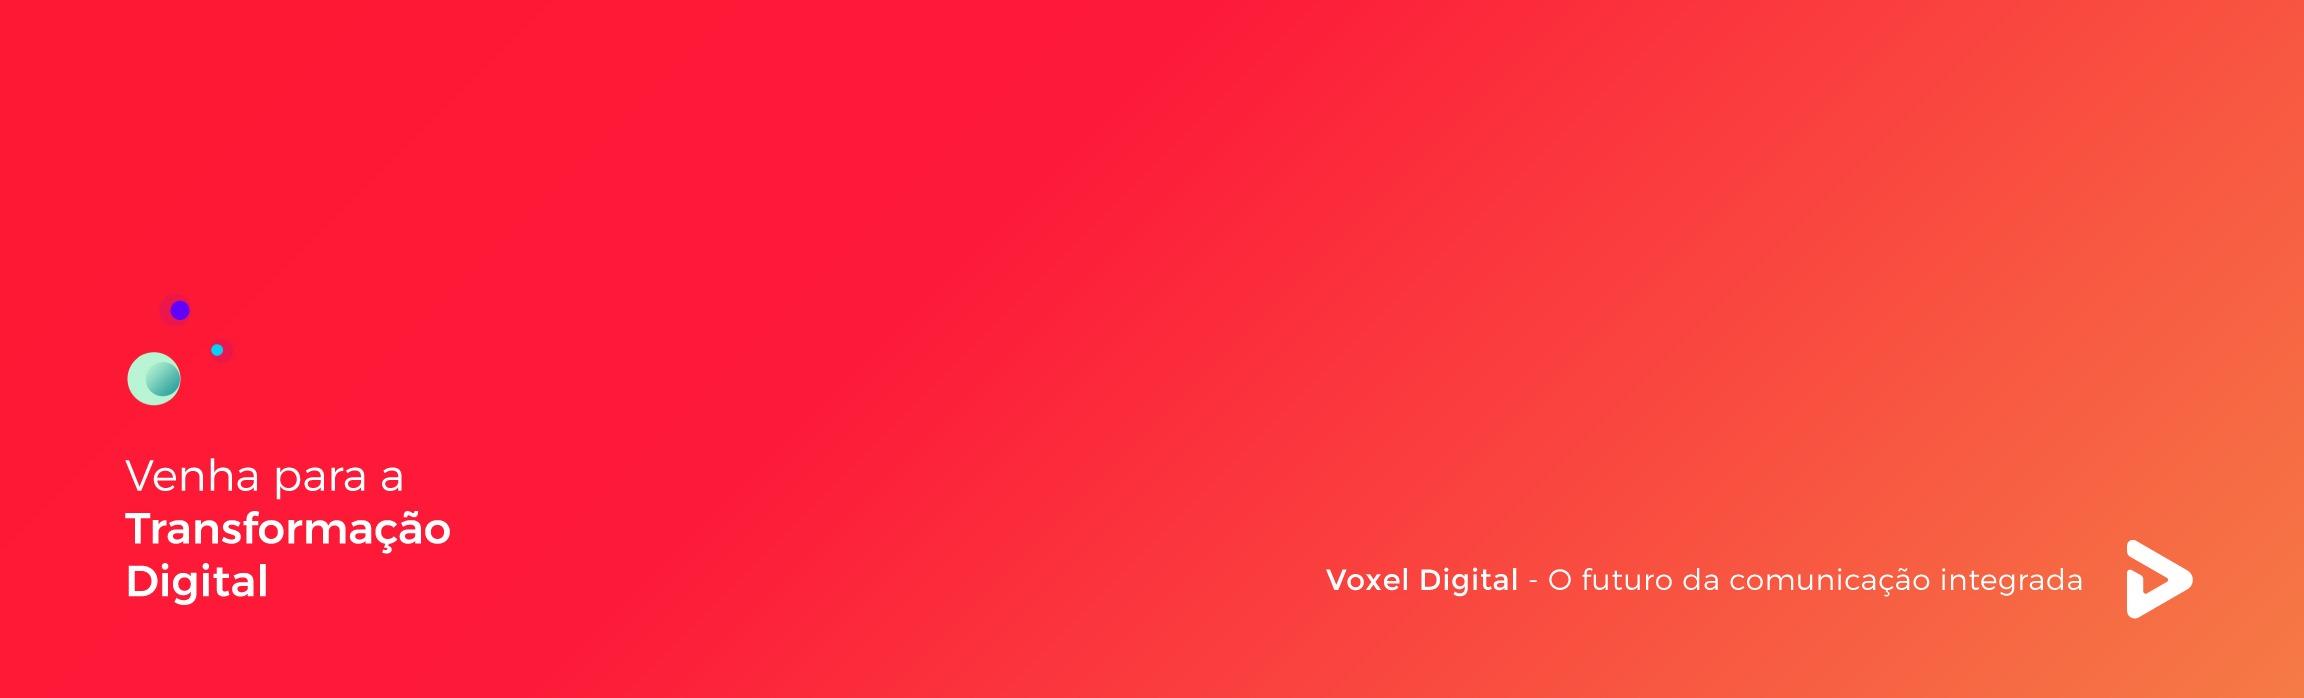 Voxel Digital